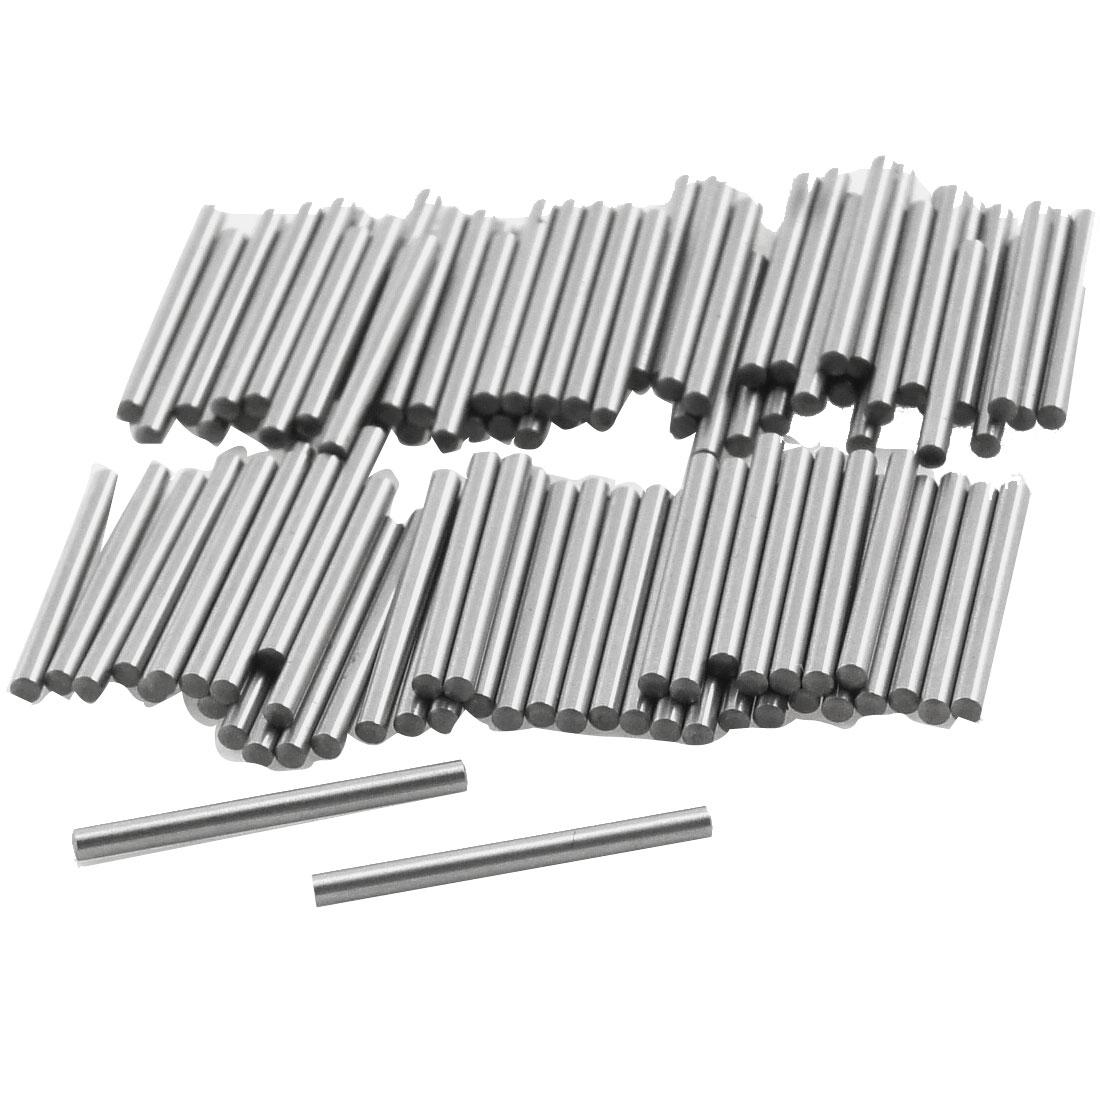 100 Pcs Metal 1.3mm x 15.8mm Dowel Pins Fasten Elements